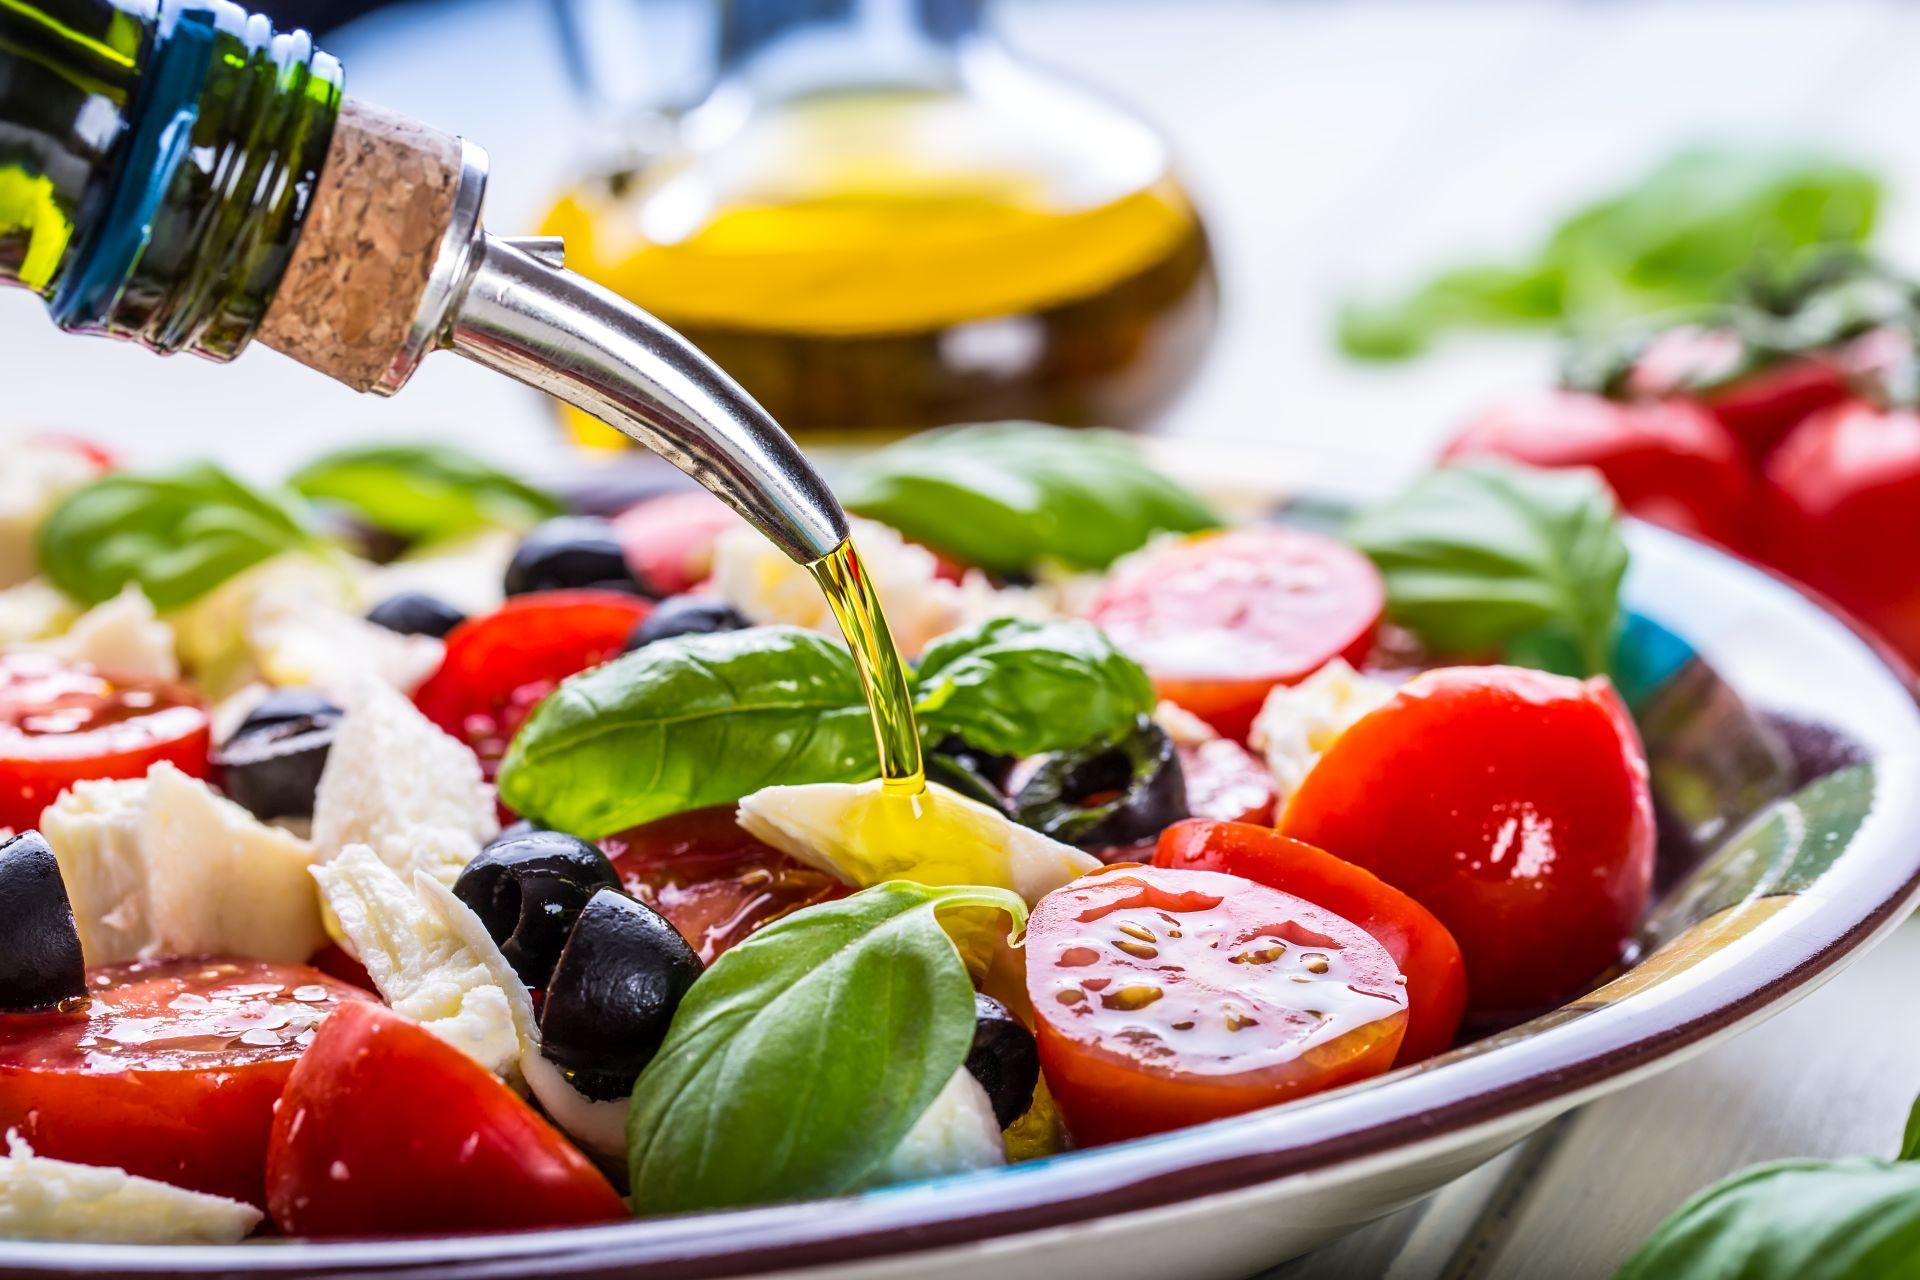 Dieta śródziemnomorska - zasady, jadłospis obejmujący produkty roślinne, zdrowe tłuszcze, nasiona i ziarna, produkty zbożowe - wspiera pracę serca, profilaktykę obniżania cholesterolu i wzmocnienia organizmu.